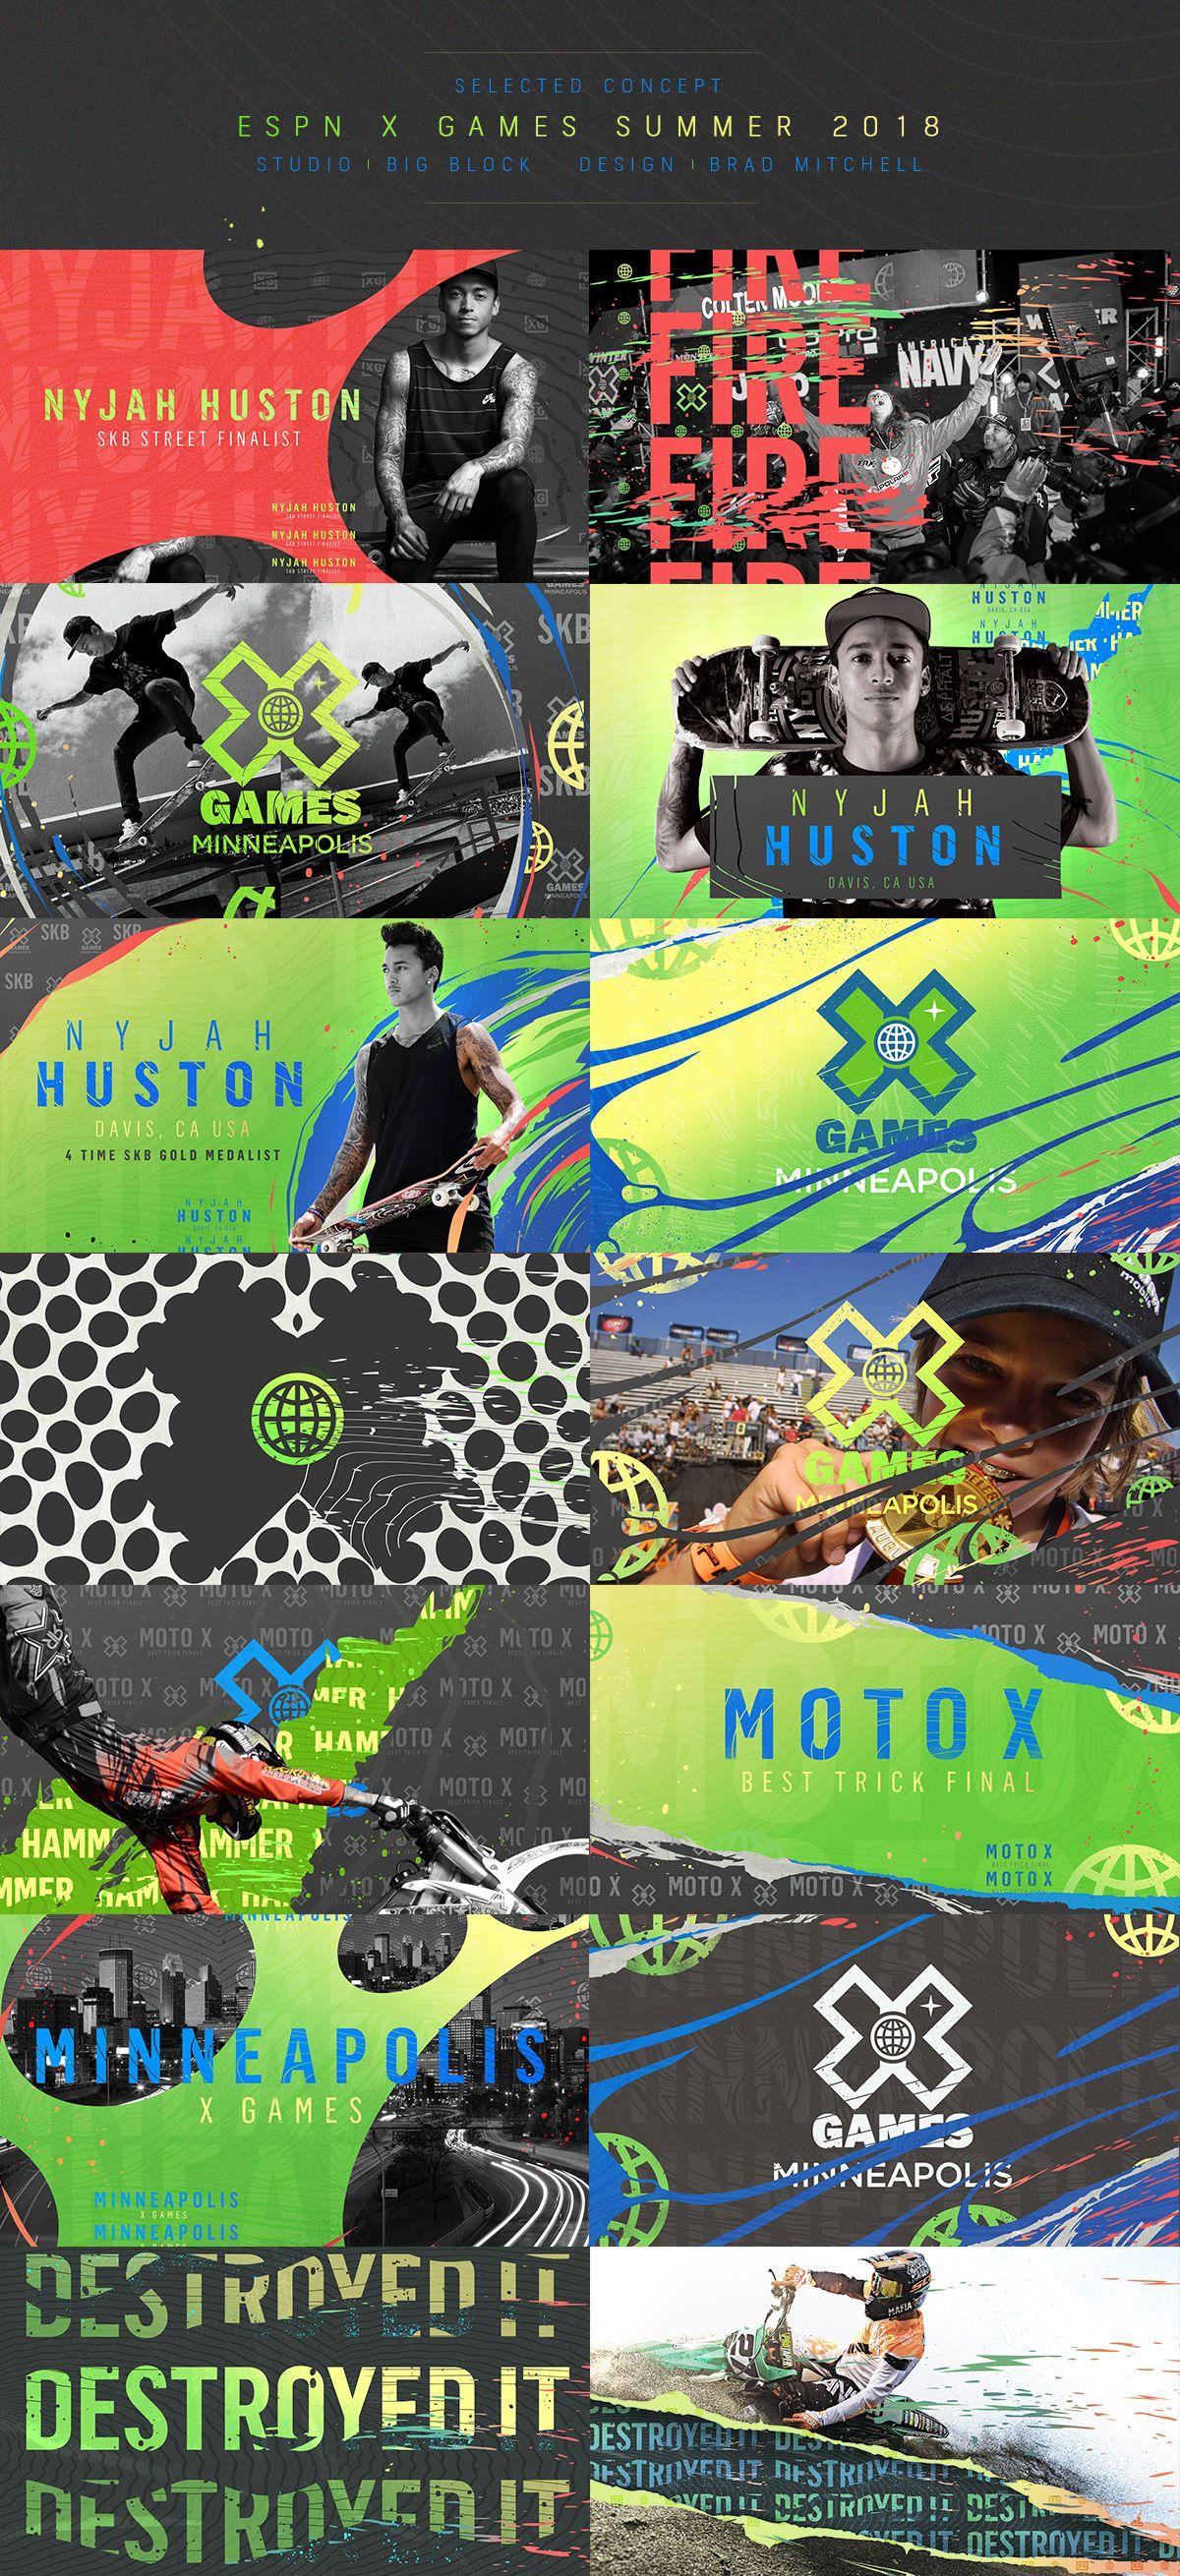 ESPN X GAMES | MINNEAPOLIS 2018 on Behance | gfx | Sports